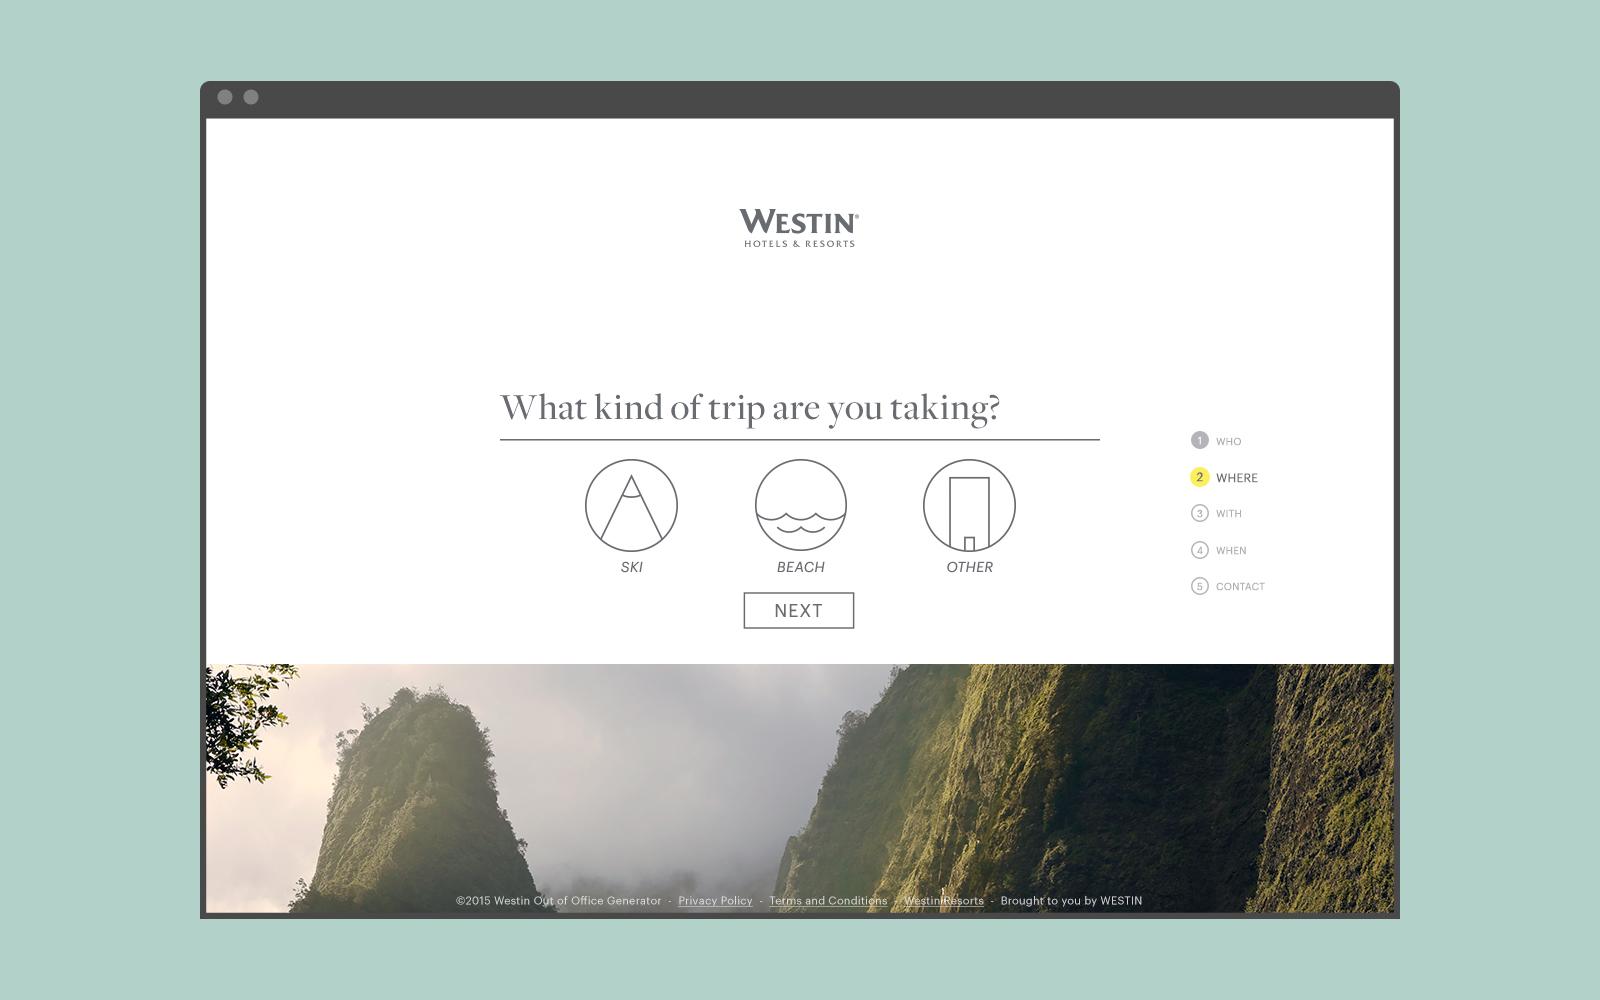 Westin_OOO_Browser_v1-3.jpg